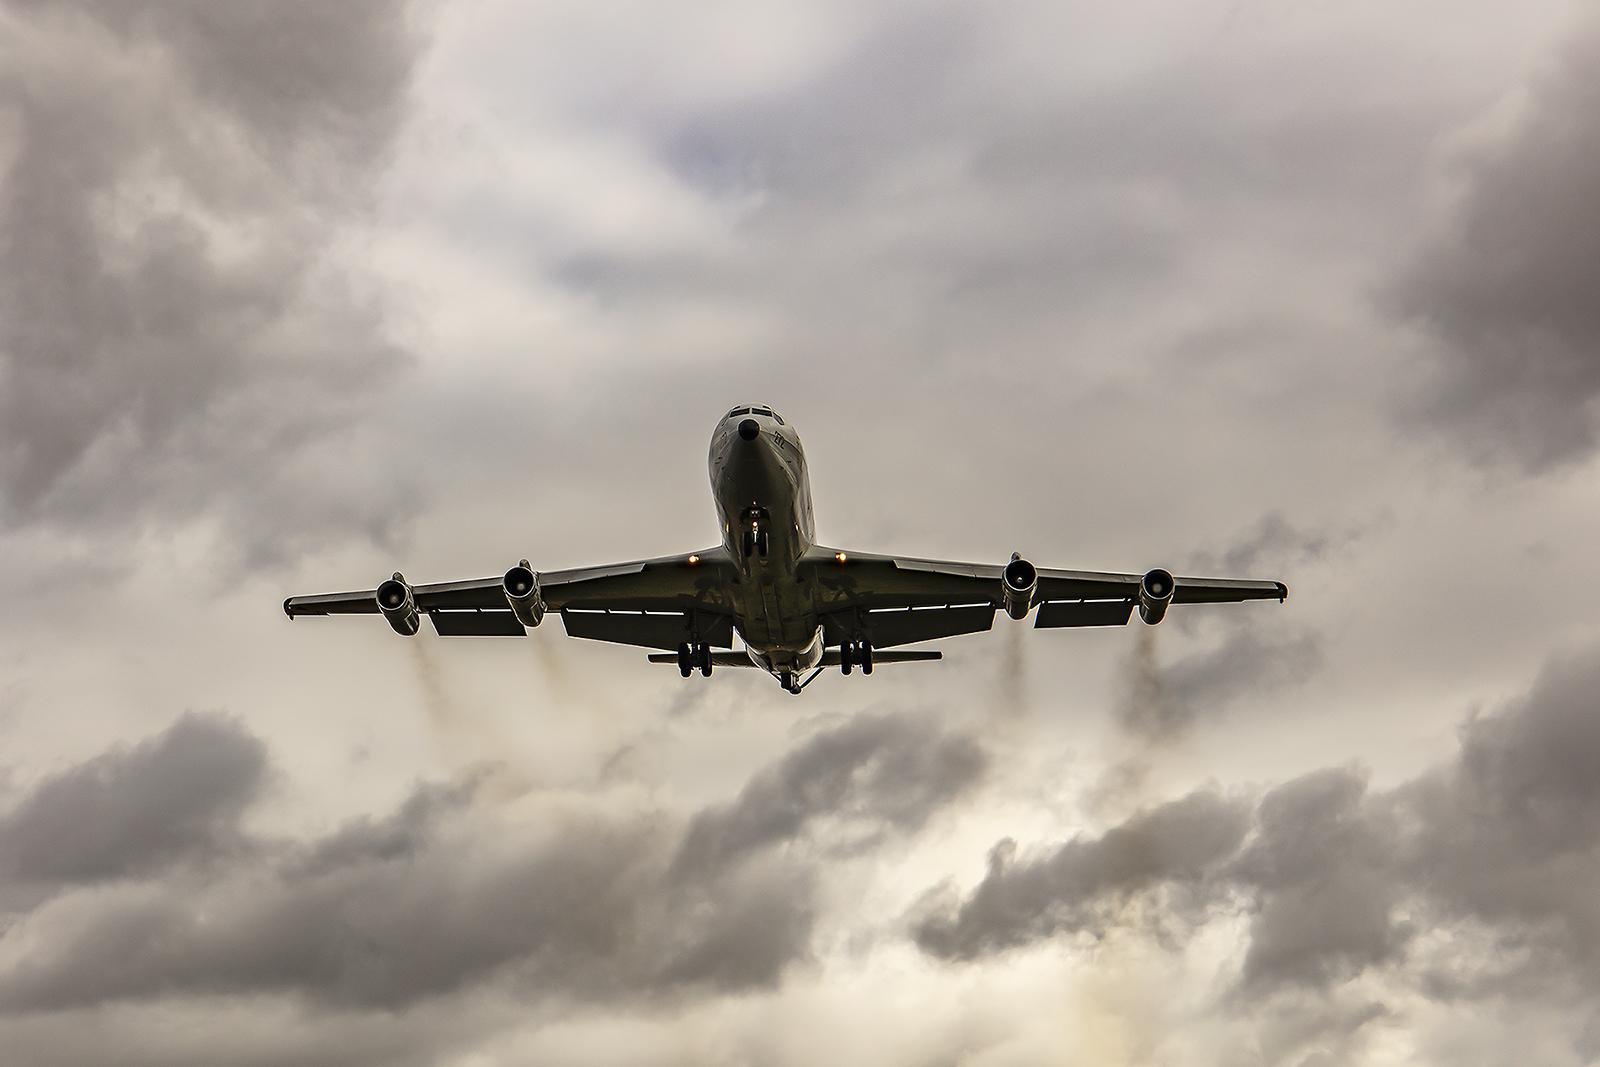 Eine grüne Feinstaubplakette bekommen die Boeing 707 eher nicht.